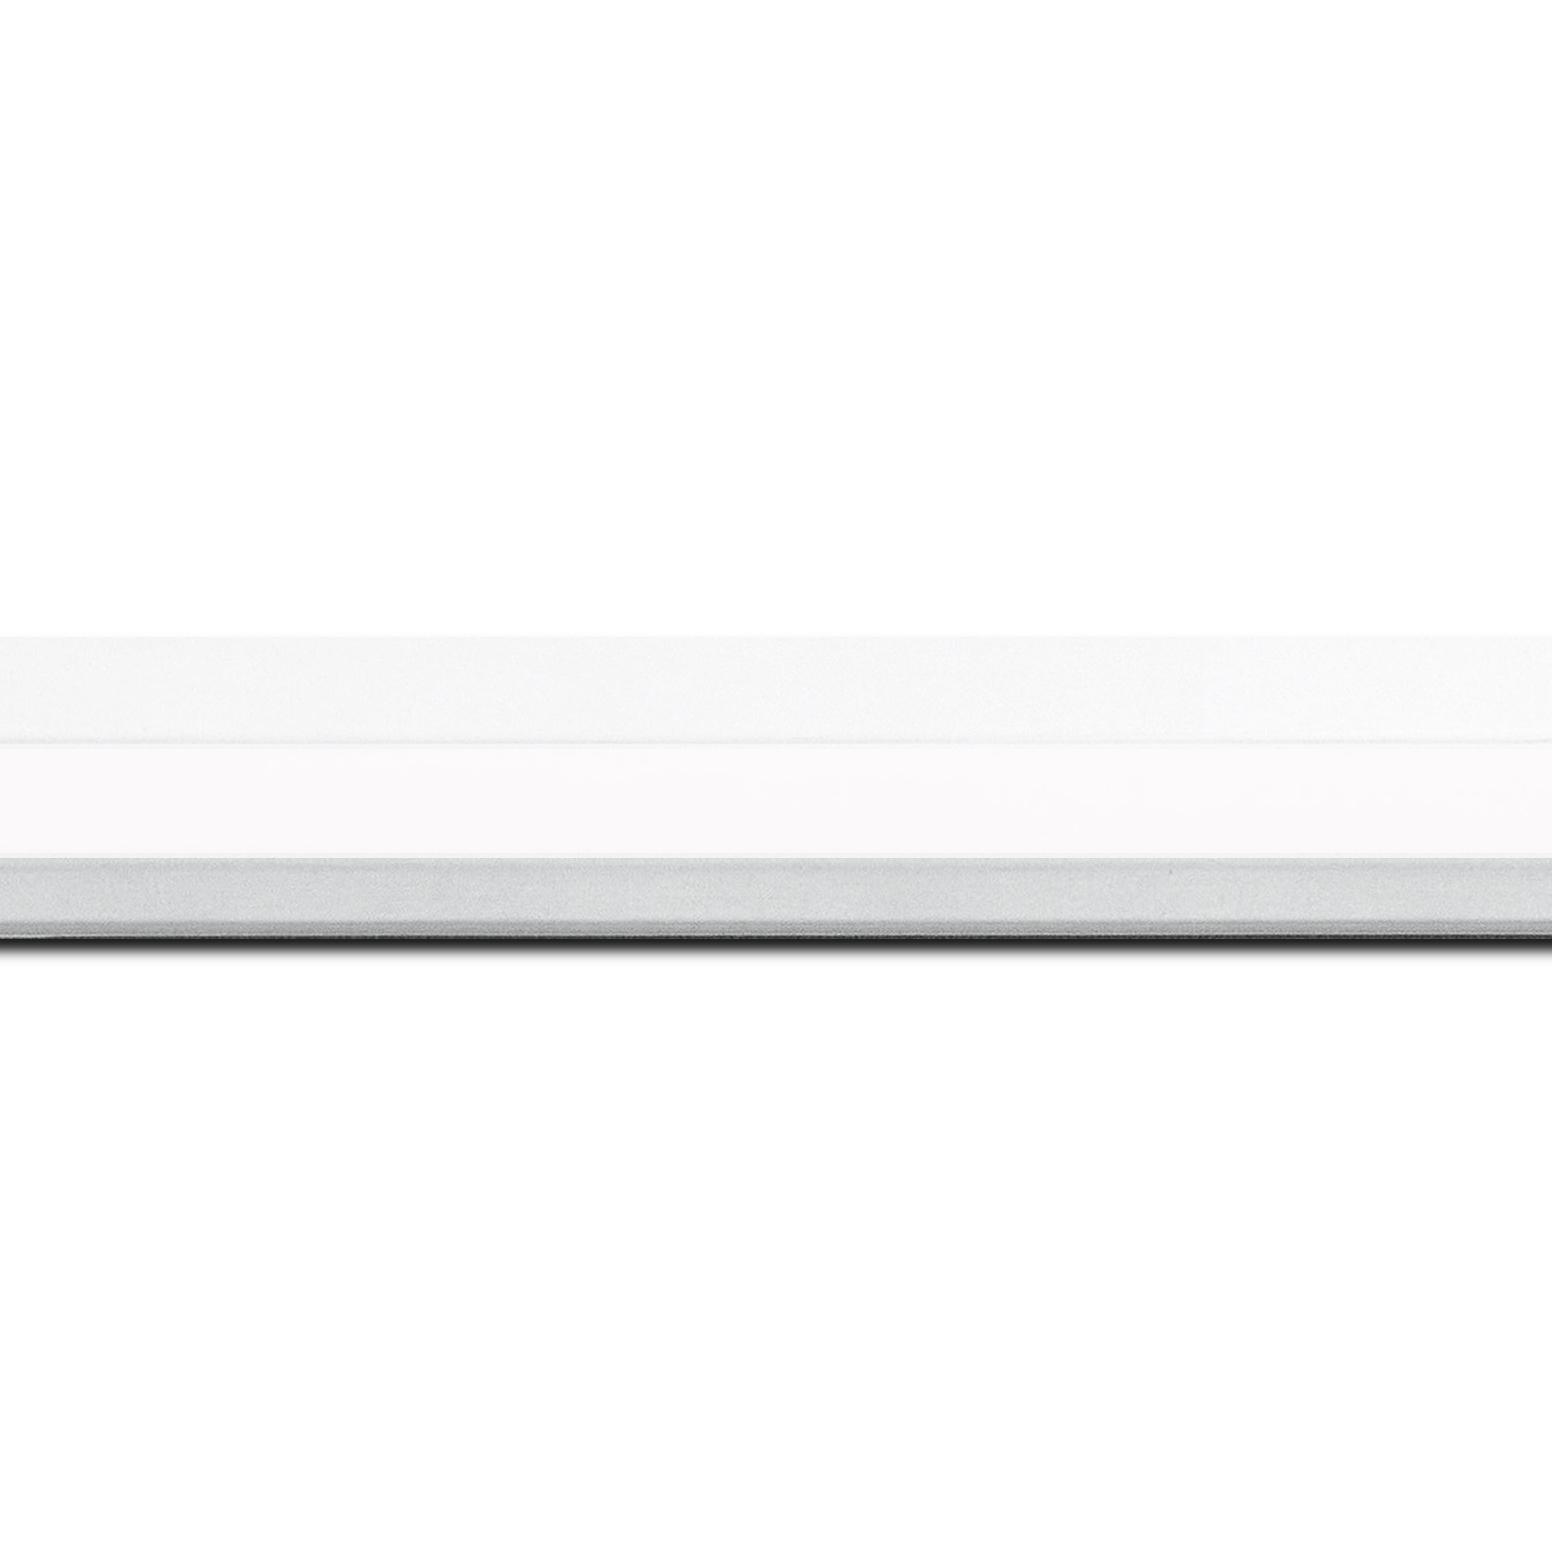 Baguette longueur 1.40m bois profil plat  3 faces largeur 2.8cm de couleur blanc mat finition pore bouché